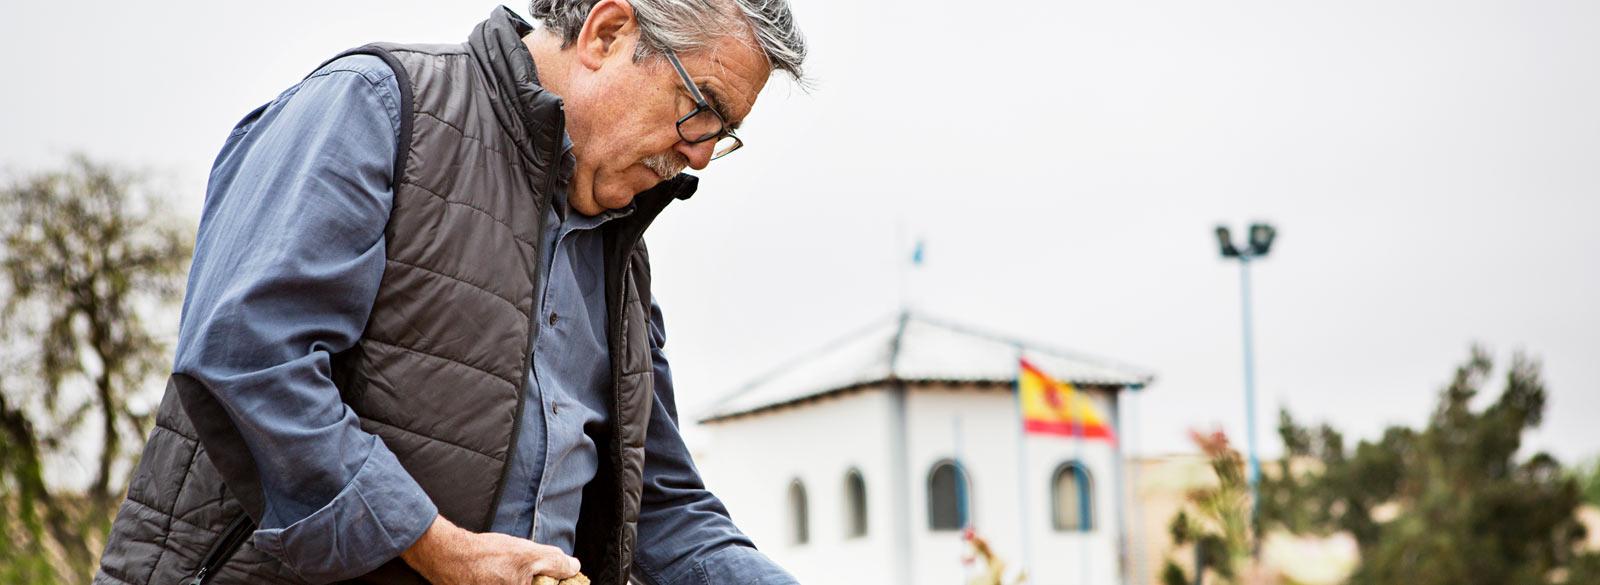 Hablamos con Vicente García, pionero del cava valenciano